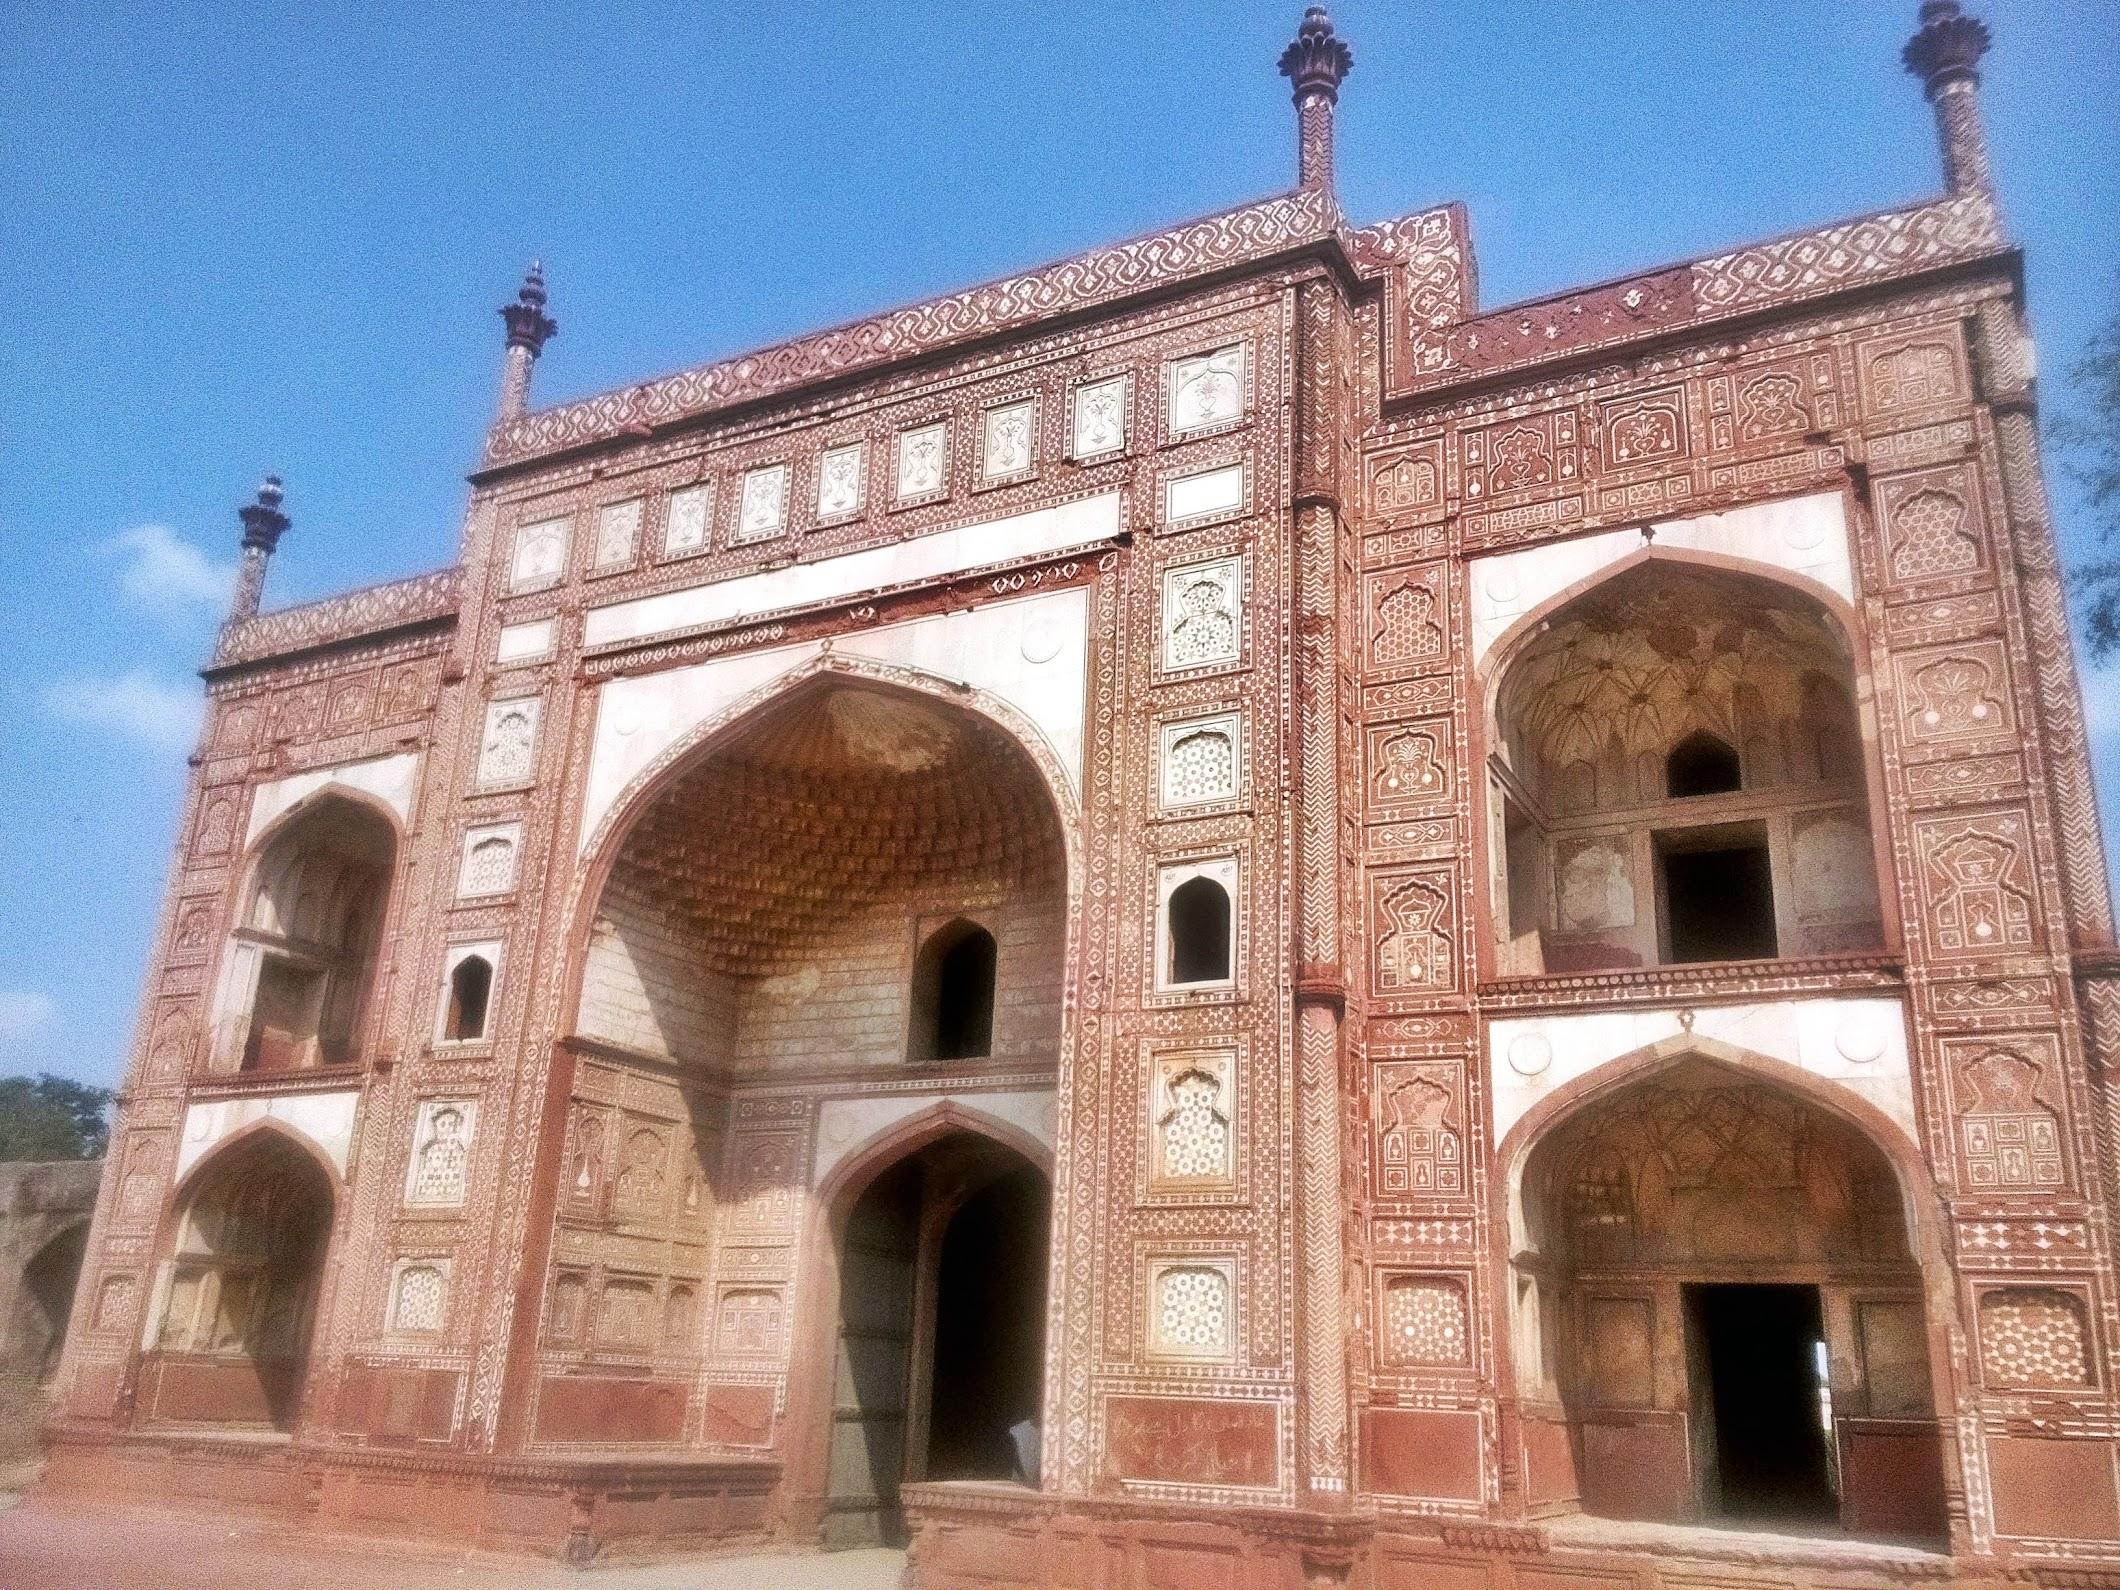 Gate towards Jehangir's Tomb